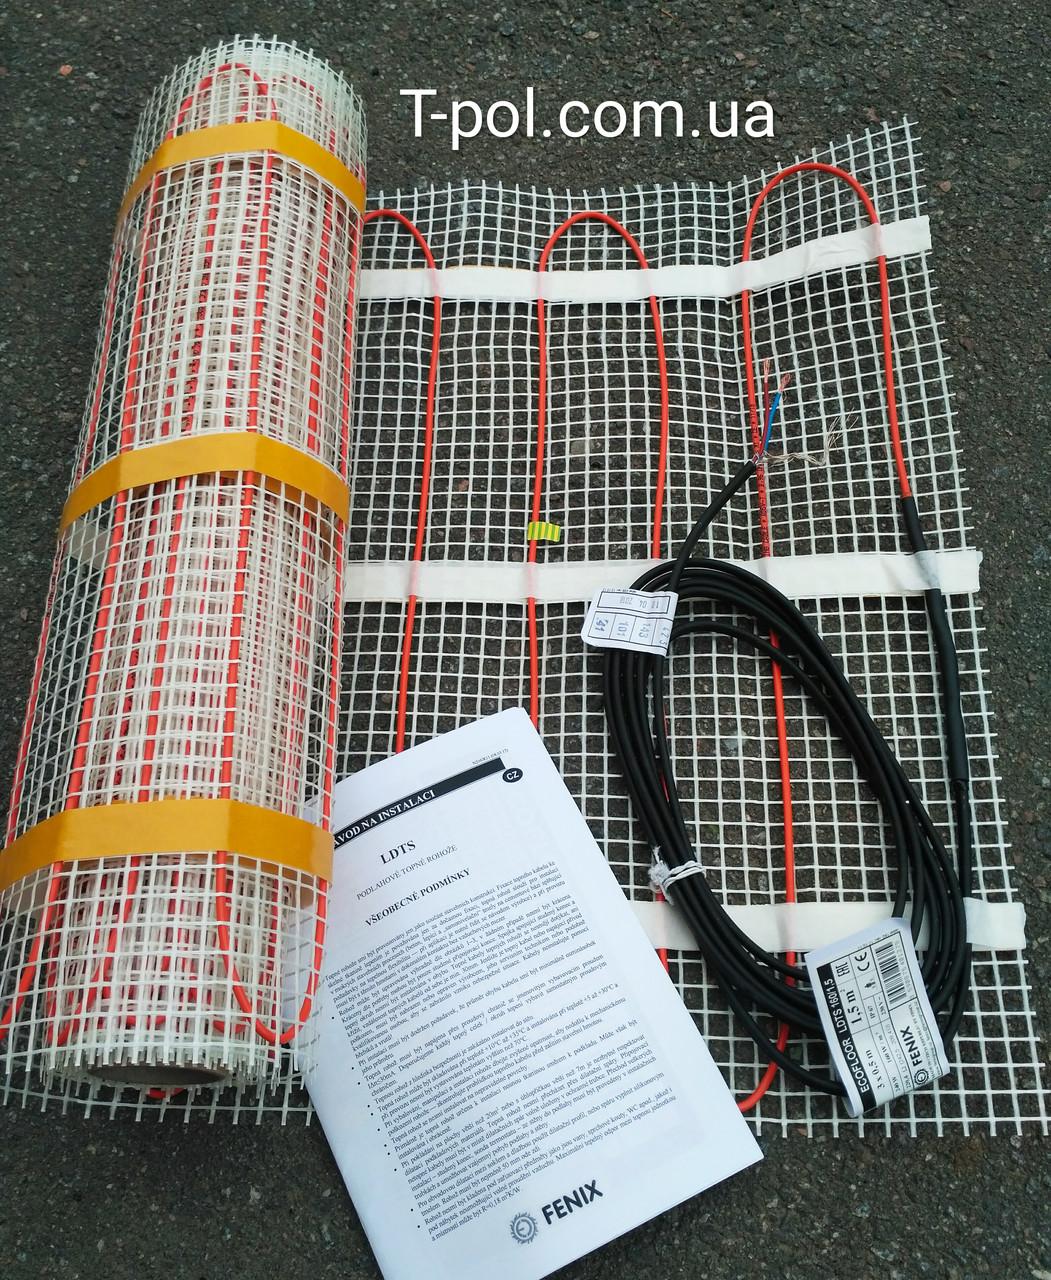 Теплый пол без стяжки нагревательный мат ldts 2 м2 Ecoflor Fenix Чехия